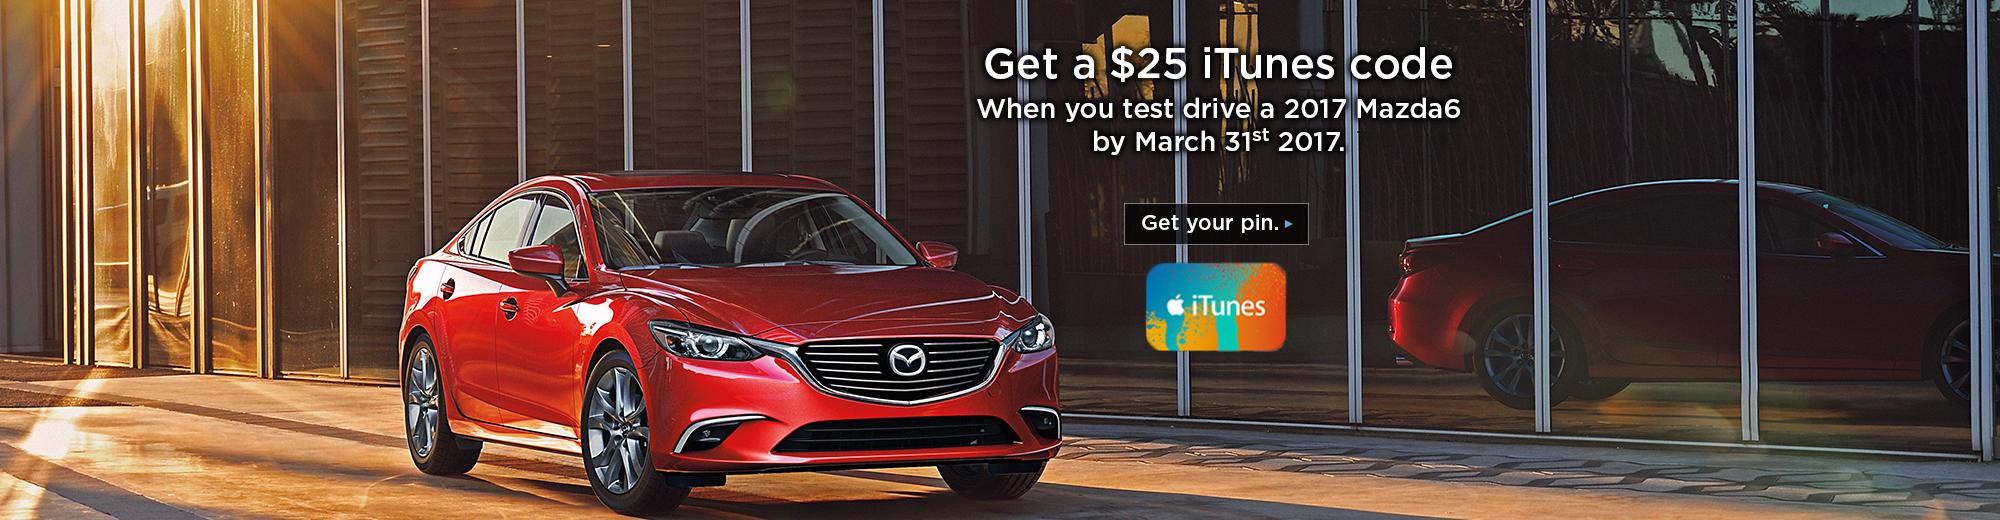 2017 - Mazda6 iTunes Promo